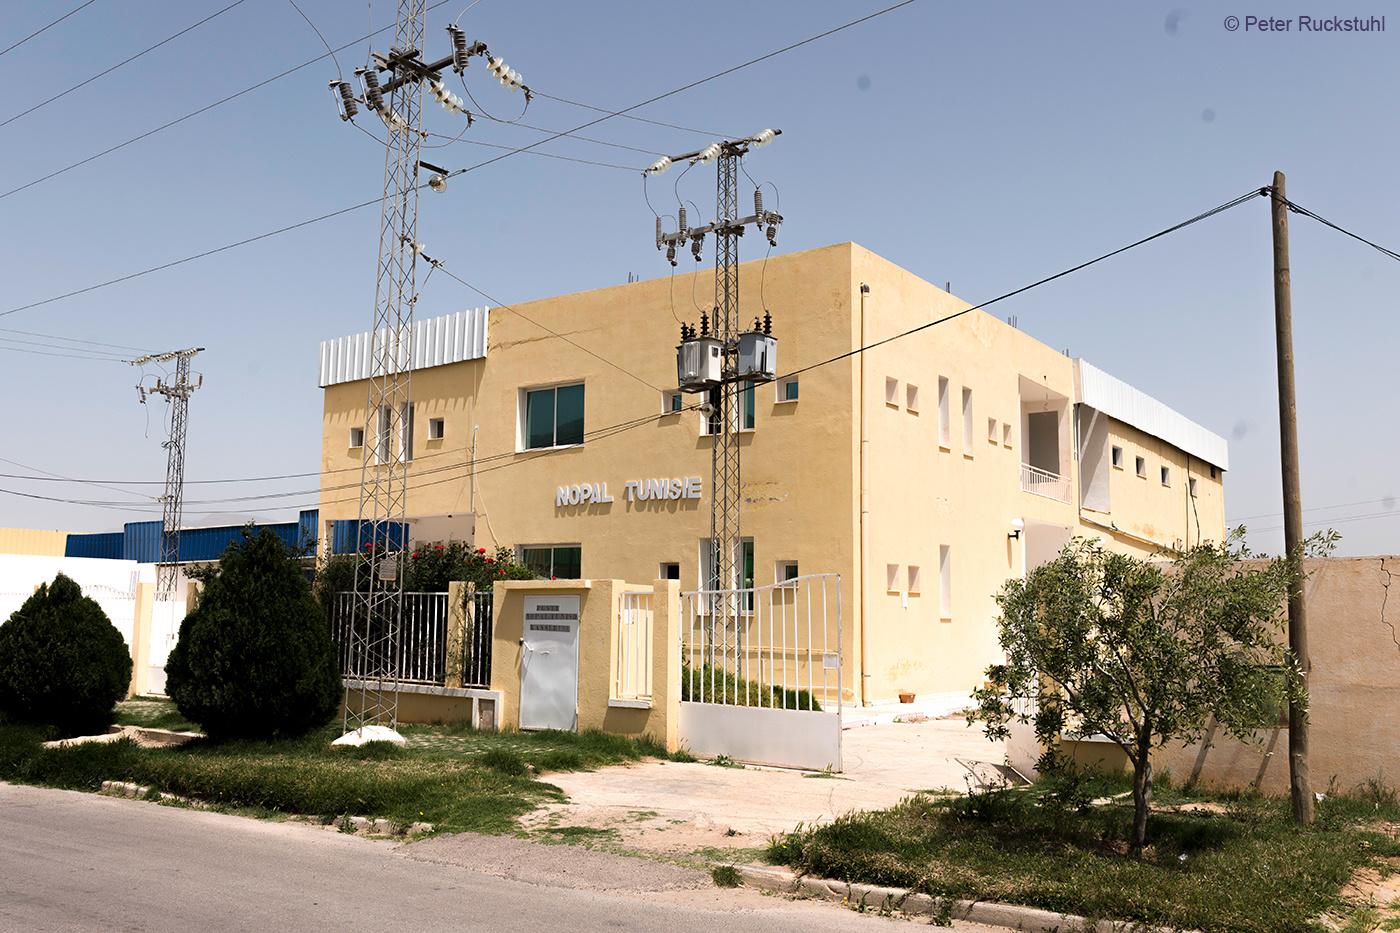 Nopal Tunisie